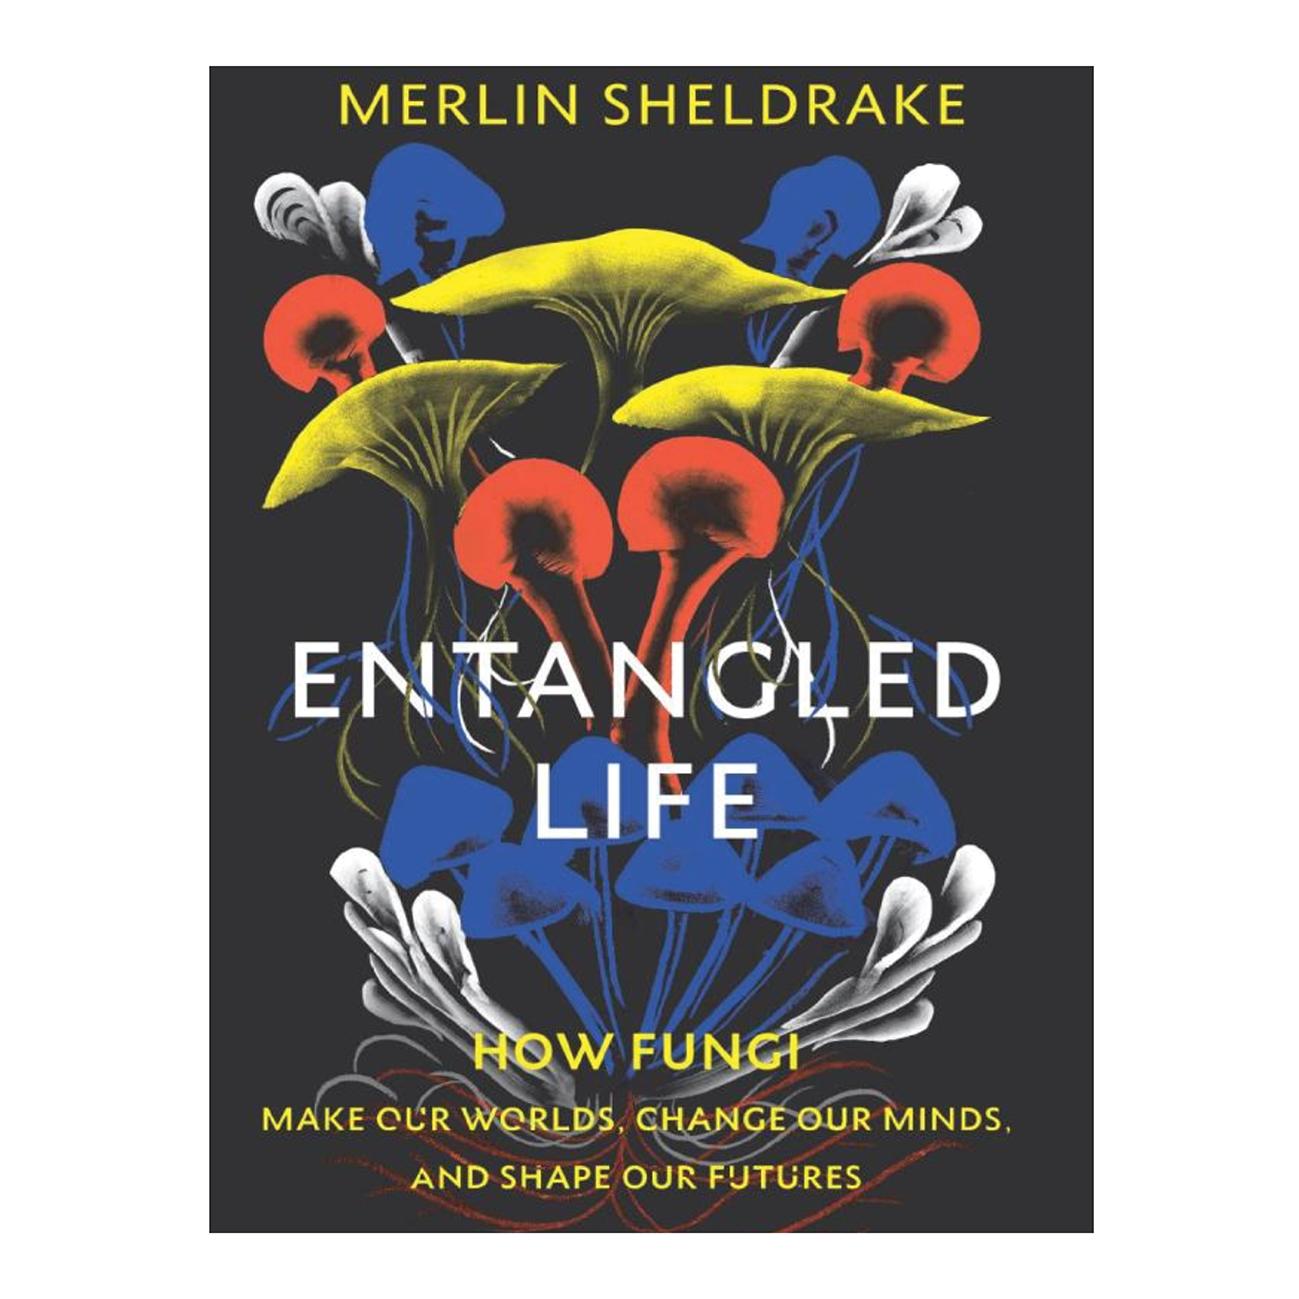 entangled life - merlin sheldrake